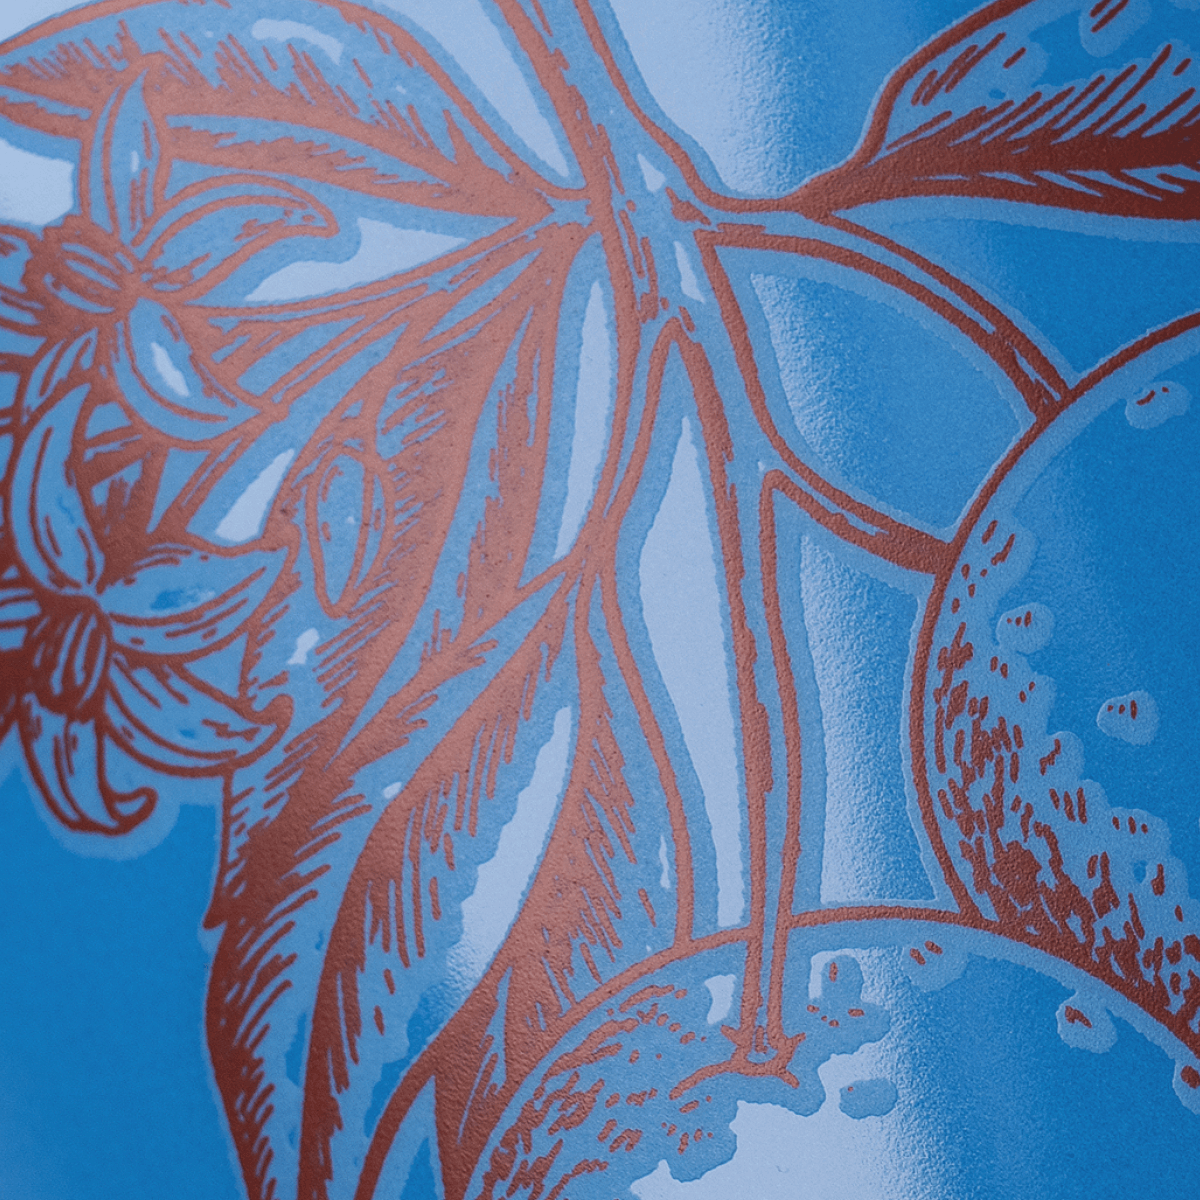 Hydrolack & Farbe_Sicily blau b